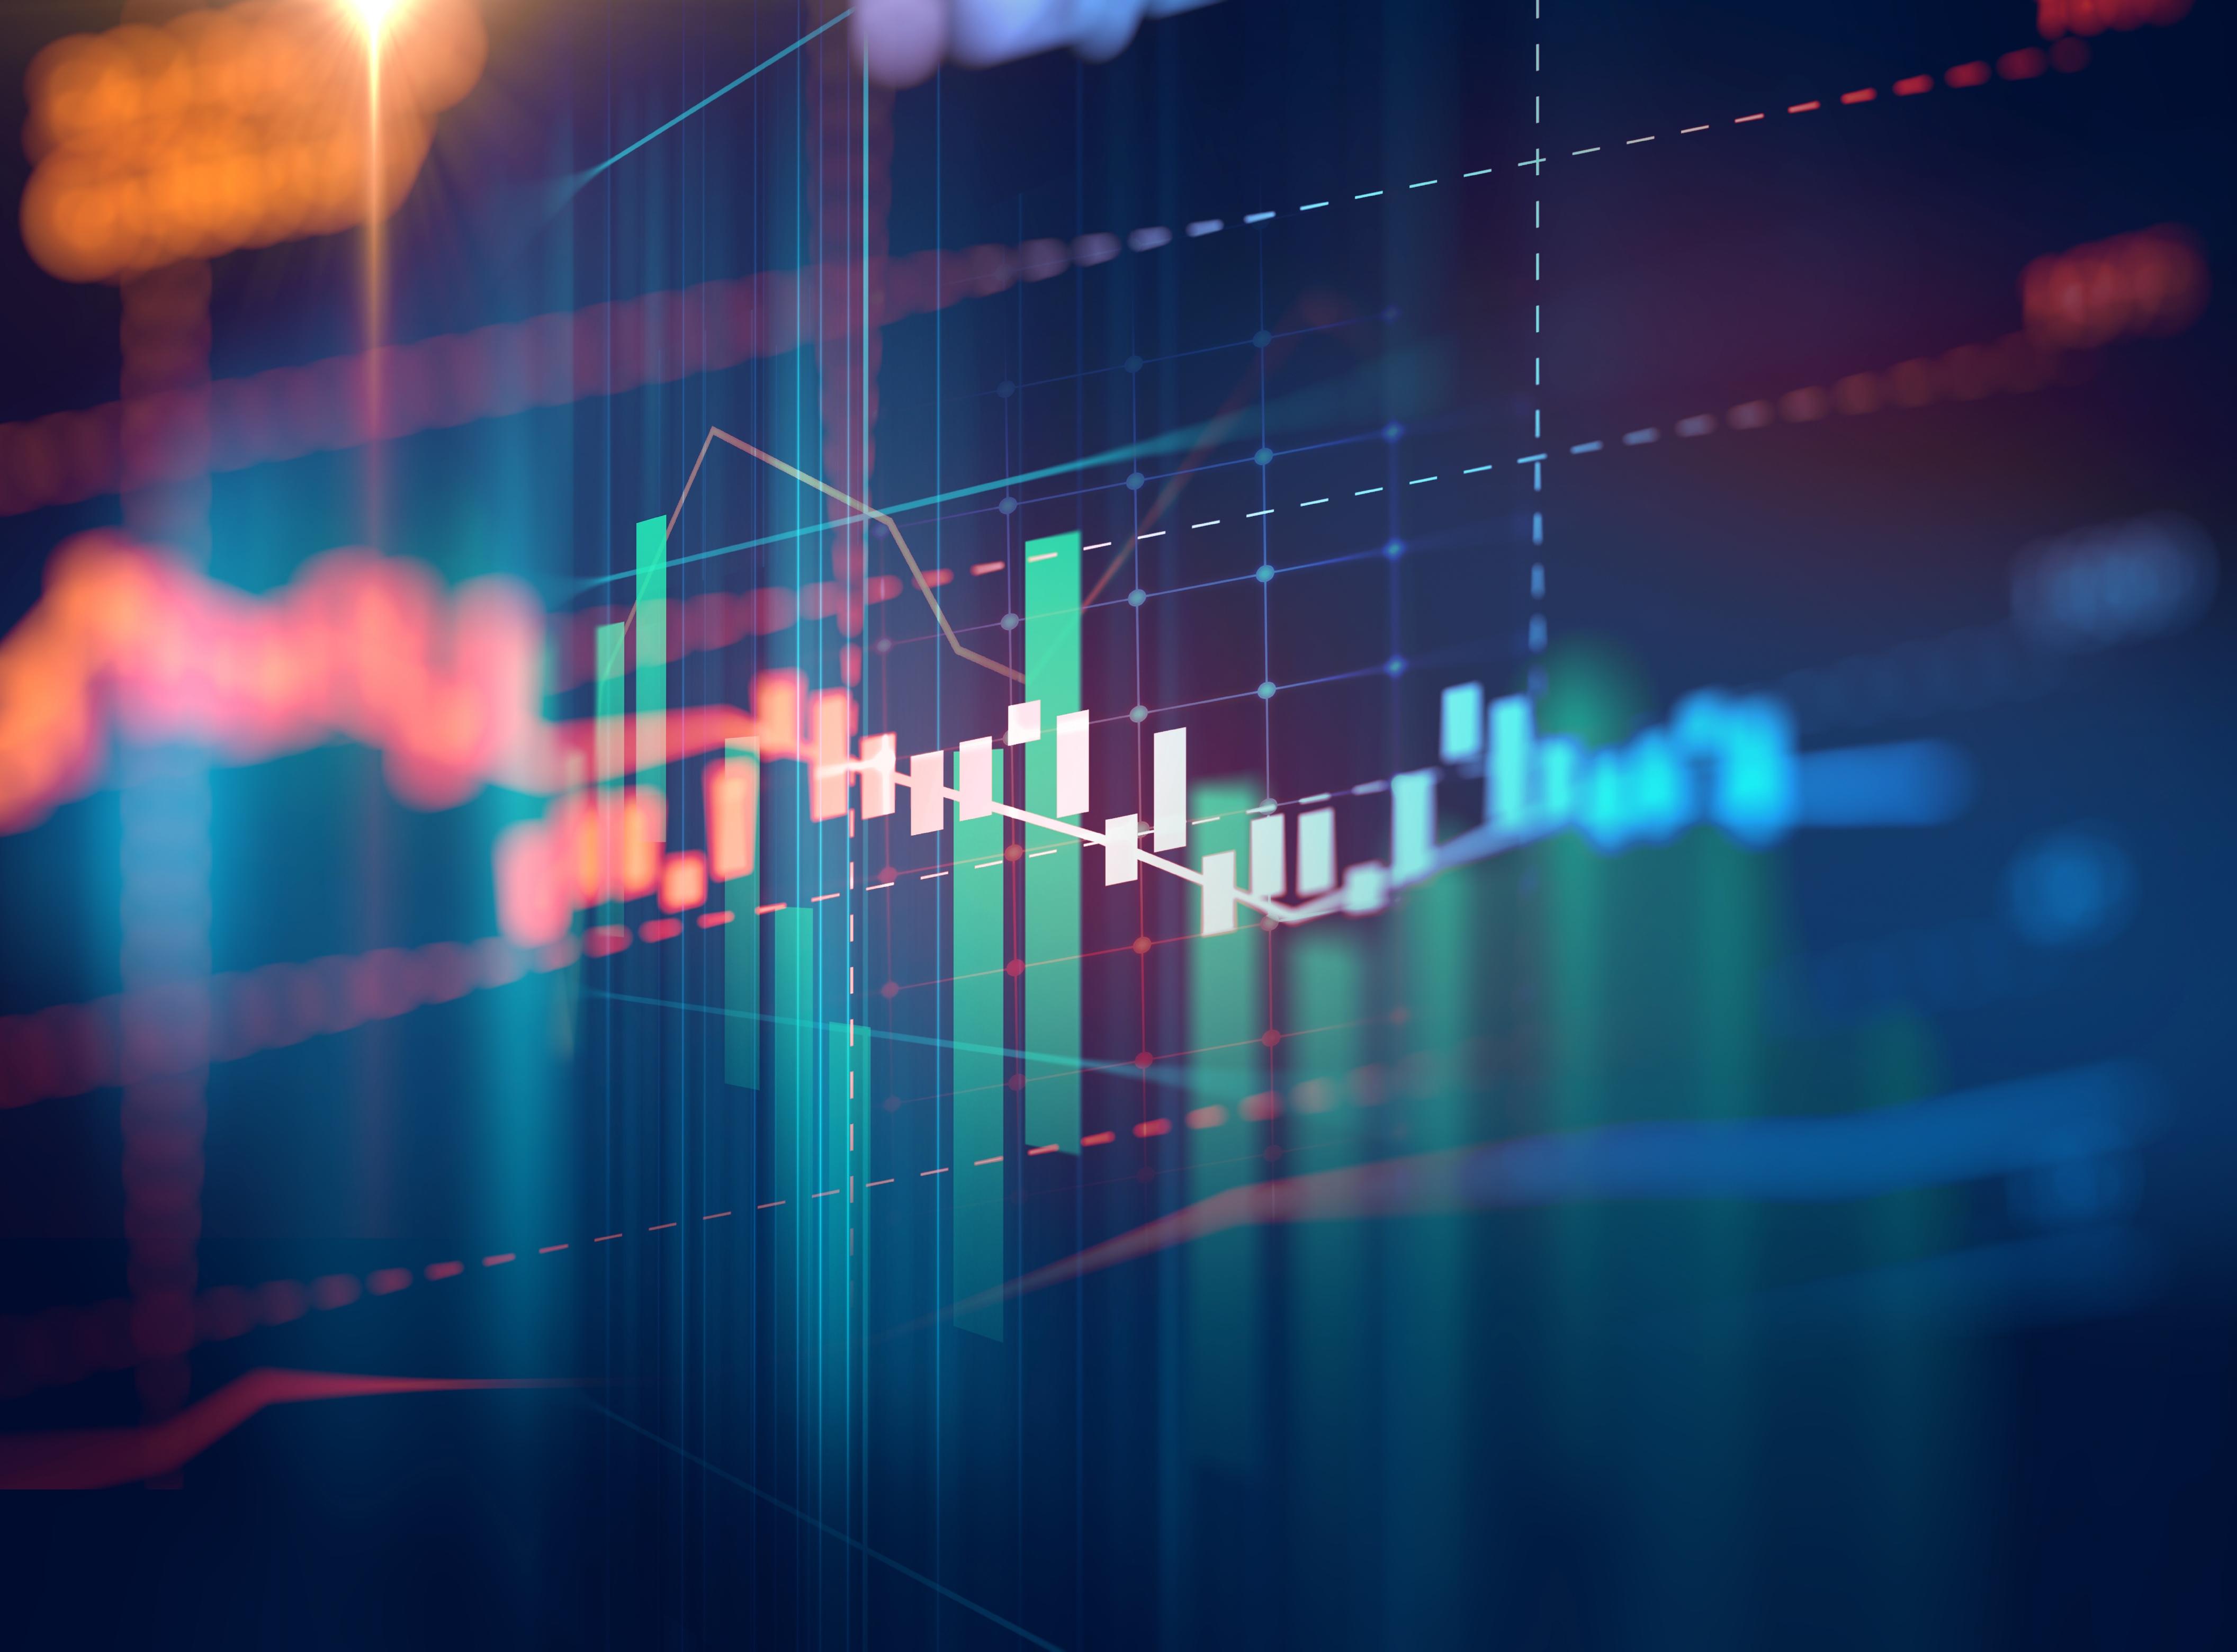 SAS liderem wśród dostawców rozwiązań do zarządzania ryzykiem modeli w najnowszym raporcie Chartis Research